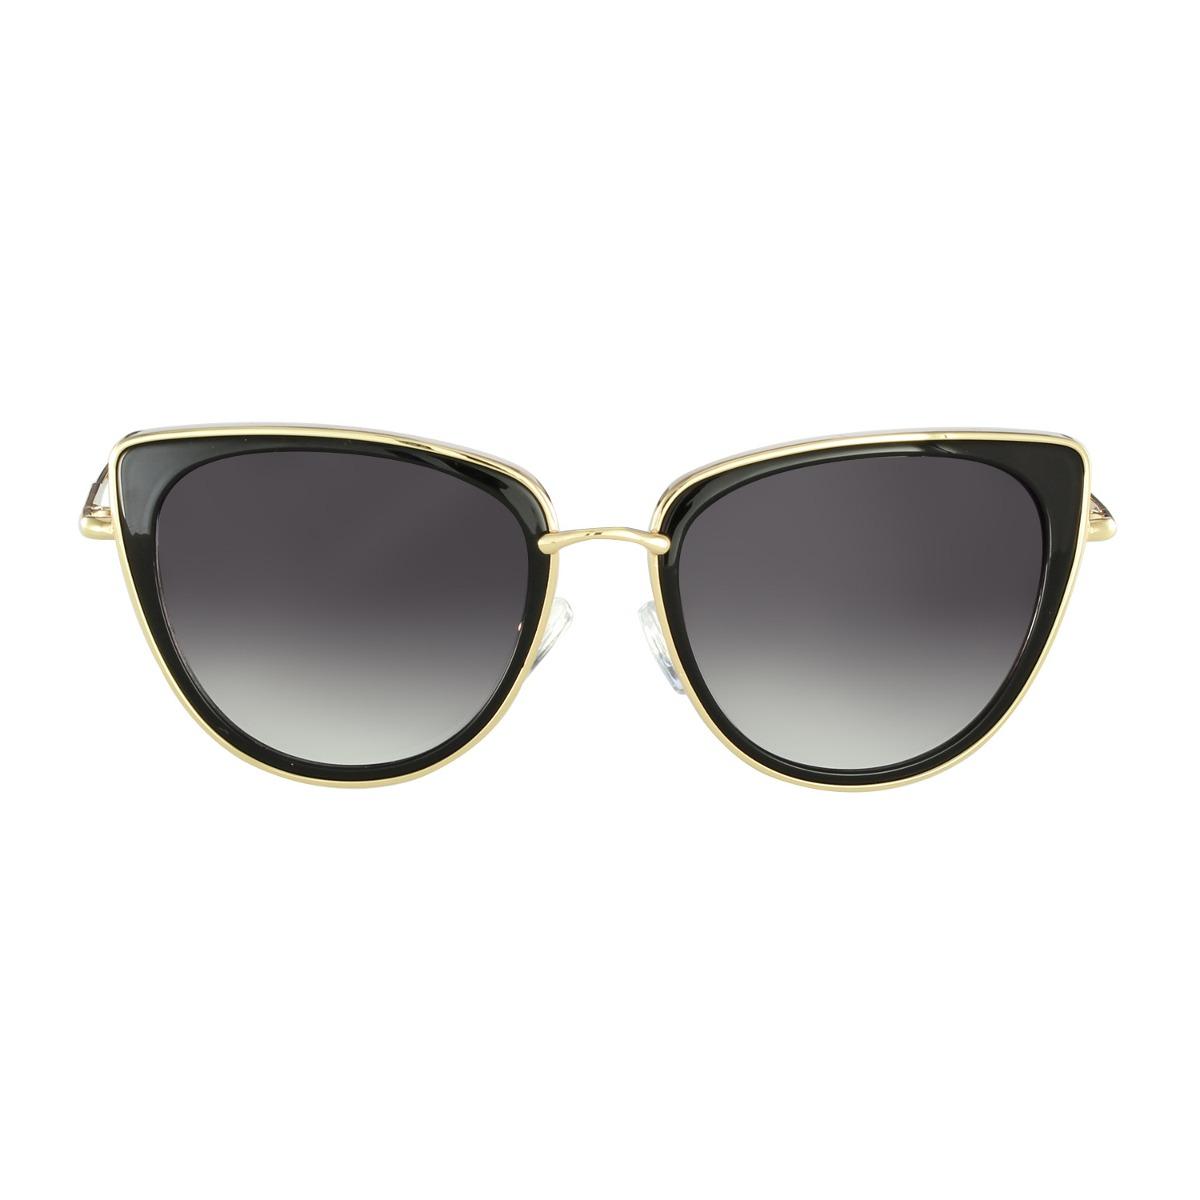 9ba4df4a436f8 Óculos De Sol Sabrina Sato Casual Dourado - R  350